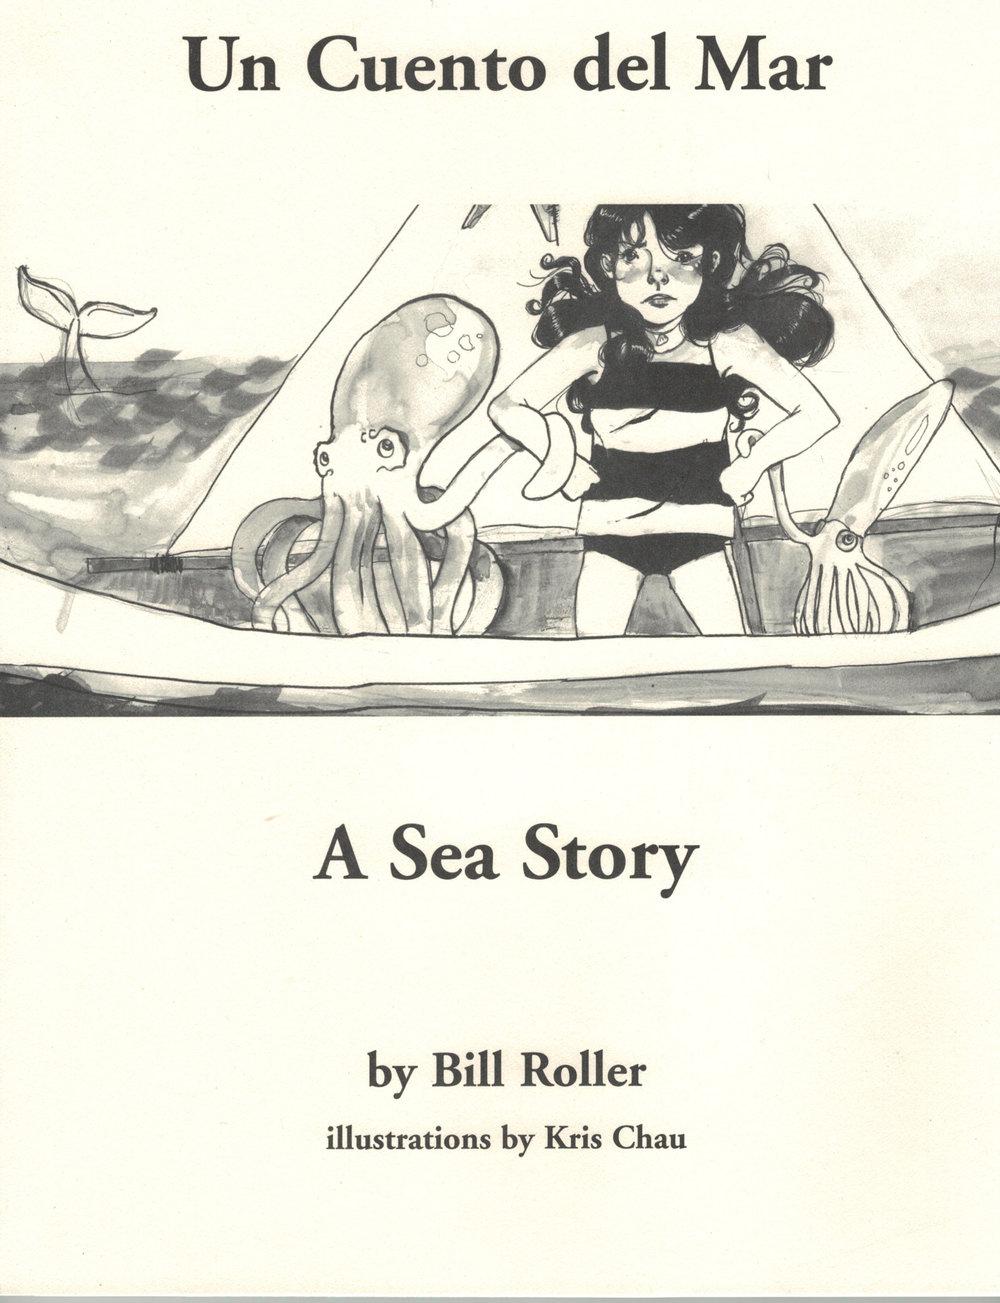 Un Cuento del Mar: A Sea Story - A bilingual children's story with illustrationsBerkeley: Carpinchu Press, 2003